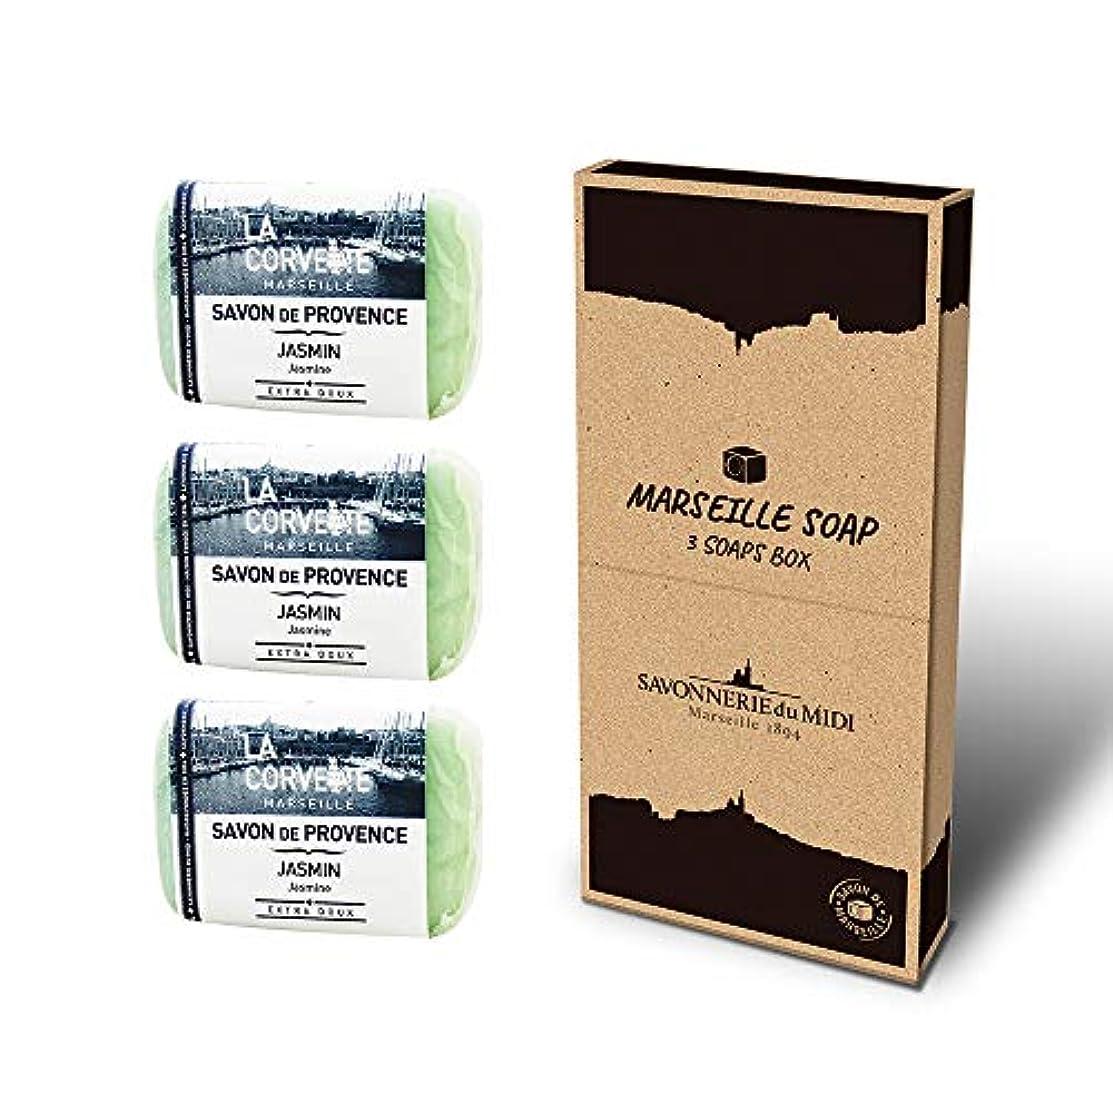 マルセイユソープ 3Soaps BOX ジャスミン